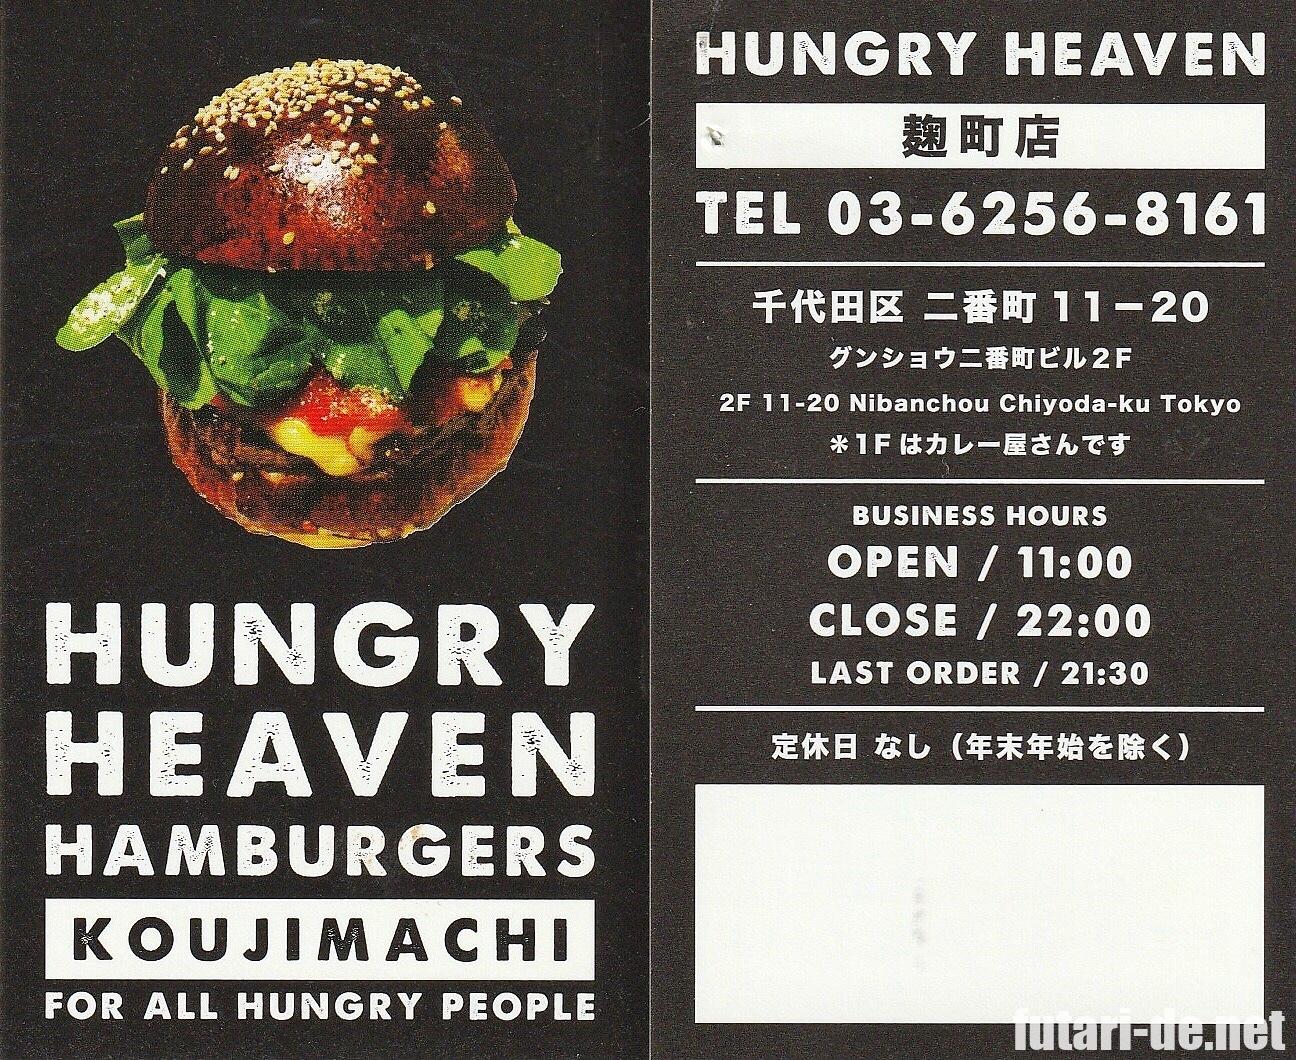 ハングリーヘブン 麹町 ハンバーガー